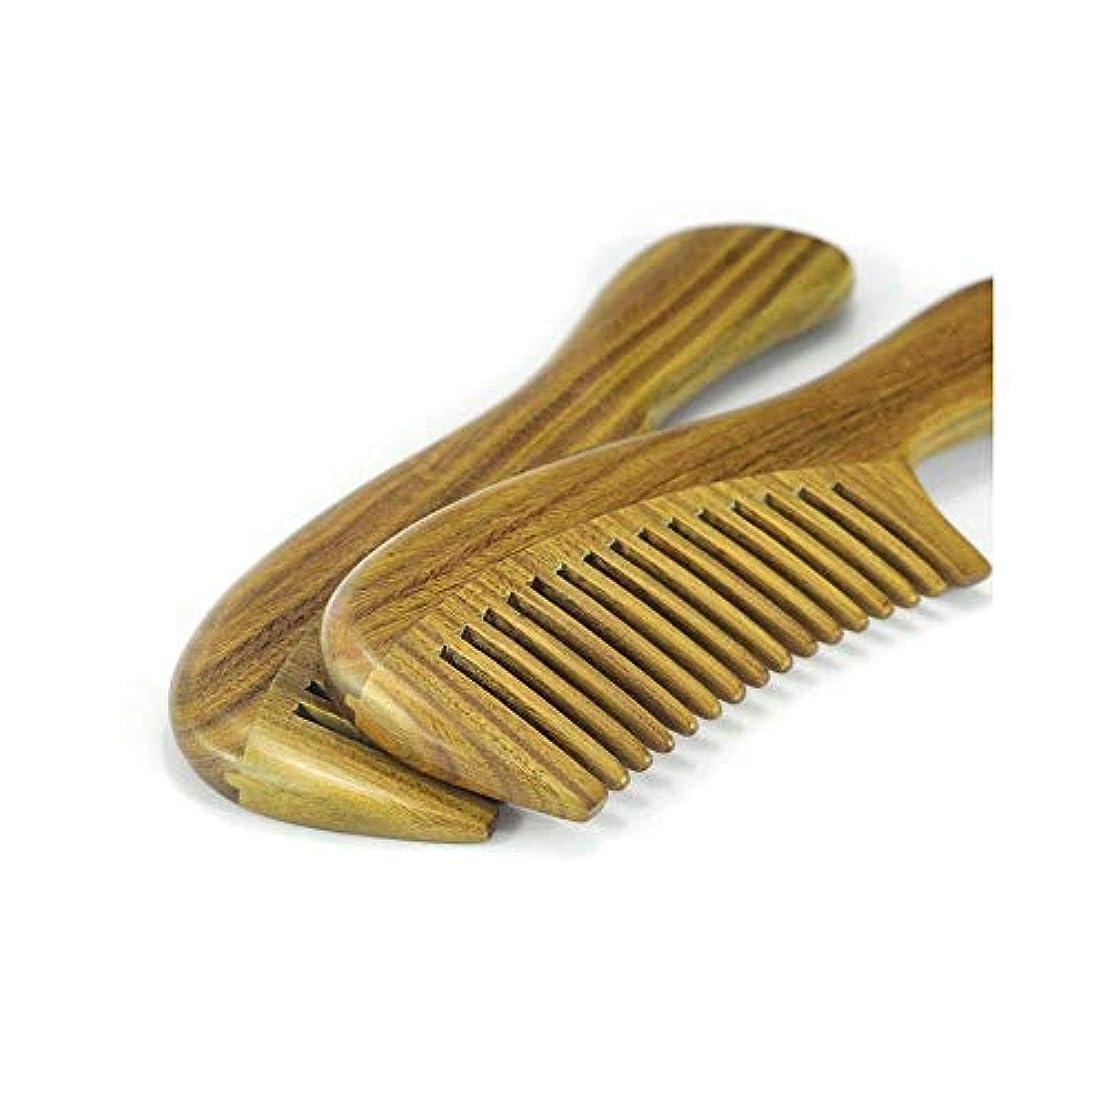 カリキュラムドループ模索Fashianナチュラルグリーンサンダルウッド木製のもつれ解除はありません静的ヘアコーム(標準歯形、20センチメートル) ヘアケア